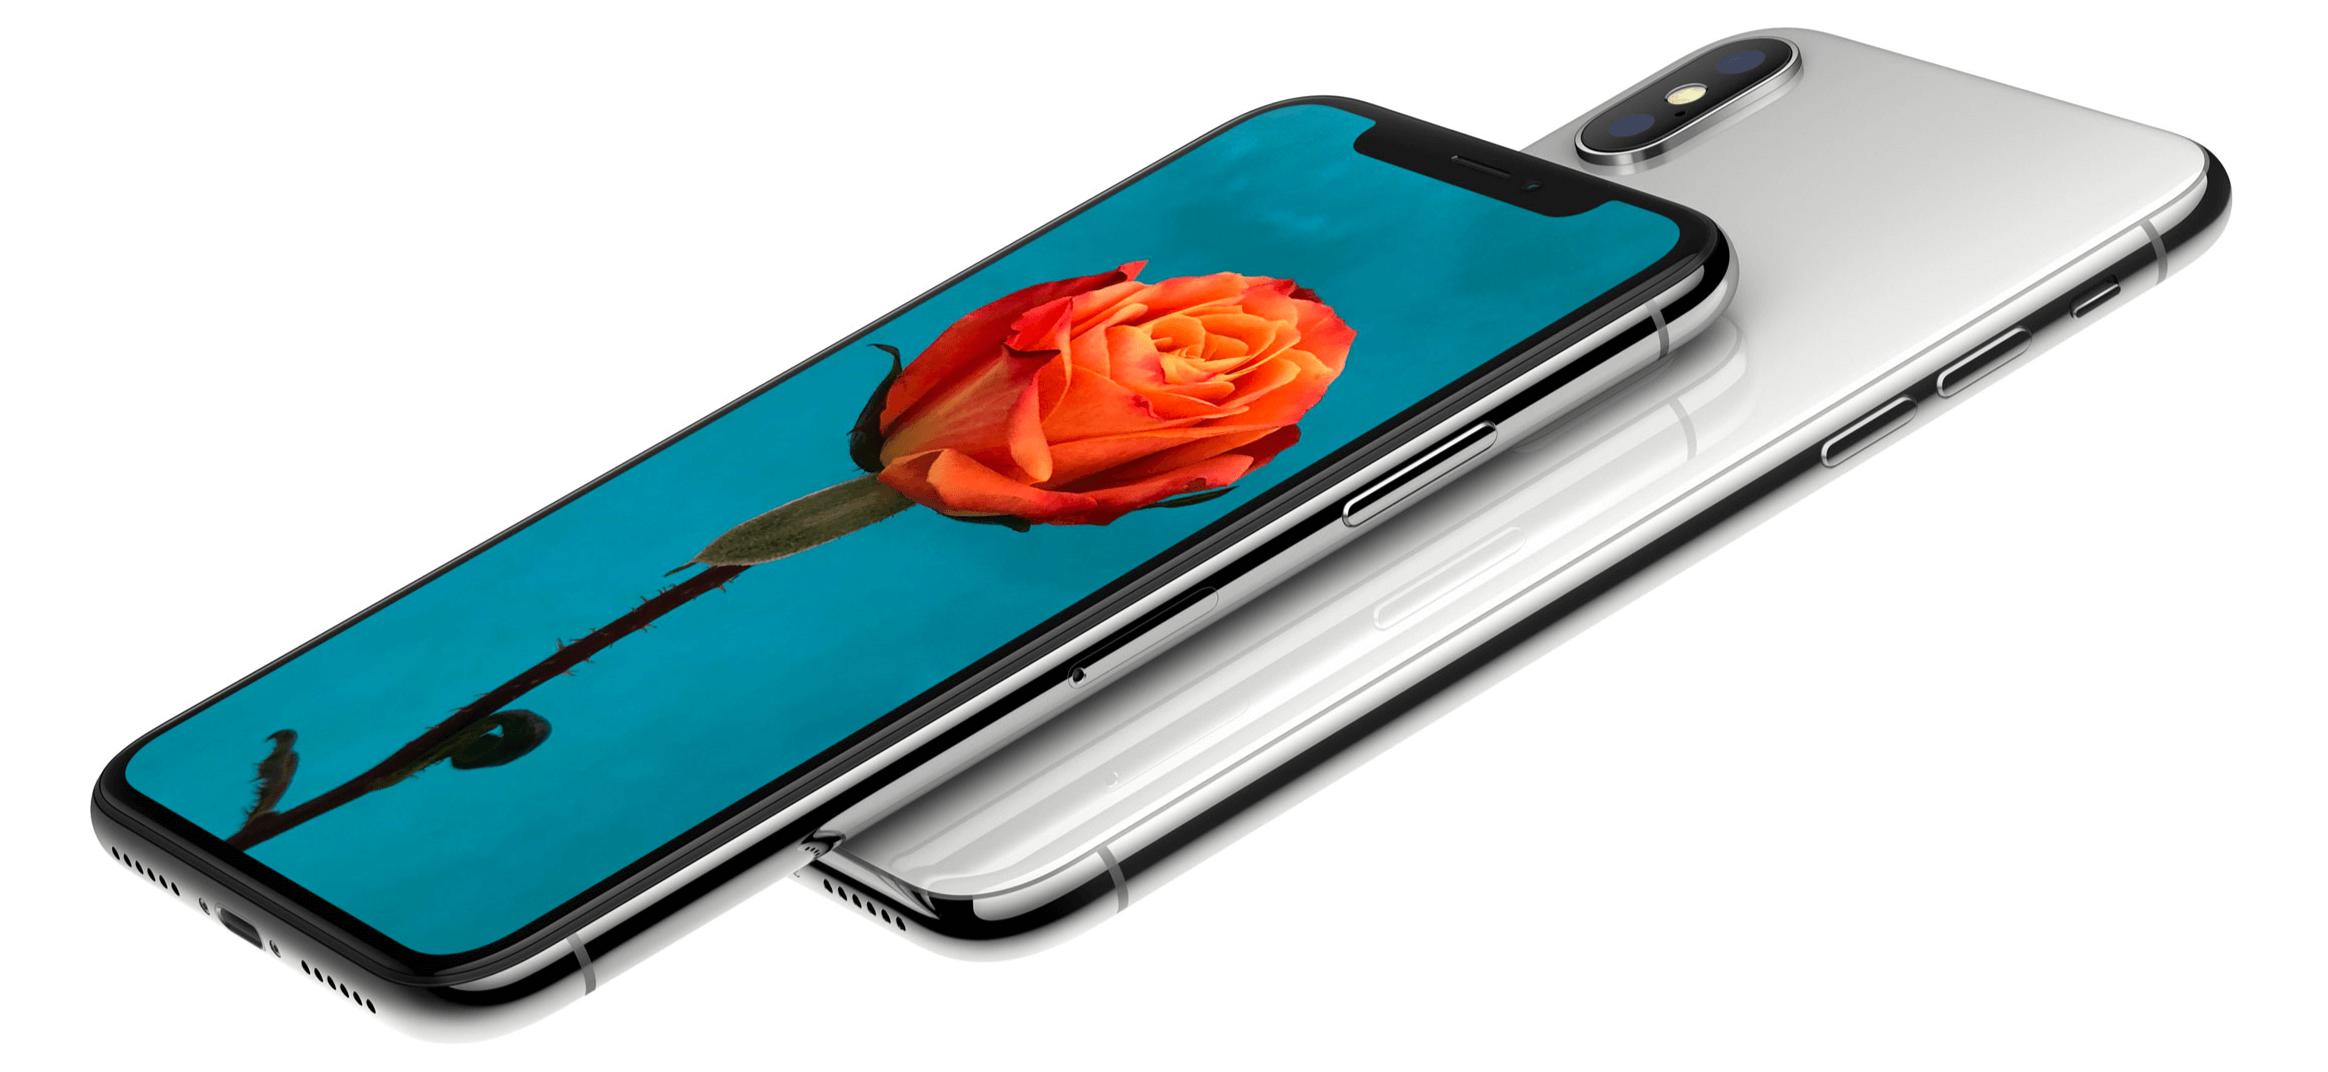 螢幕烙印是什麼,非iPhone X的OLED螢幕也可能出現烙印問題